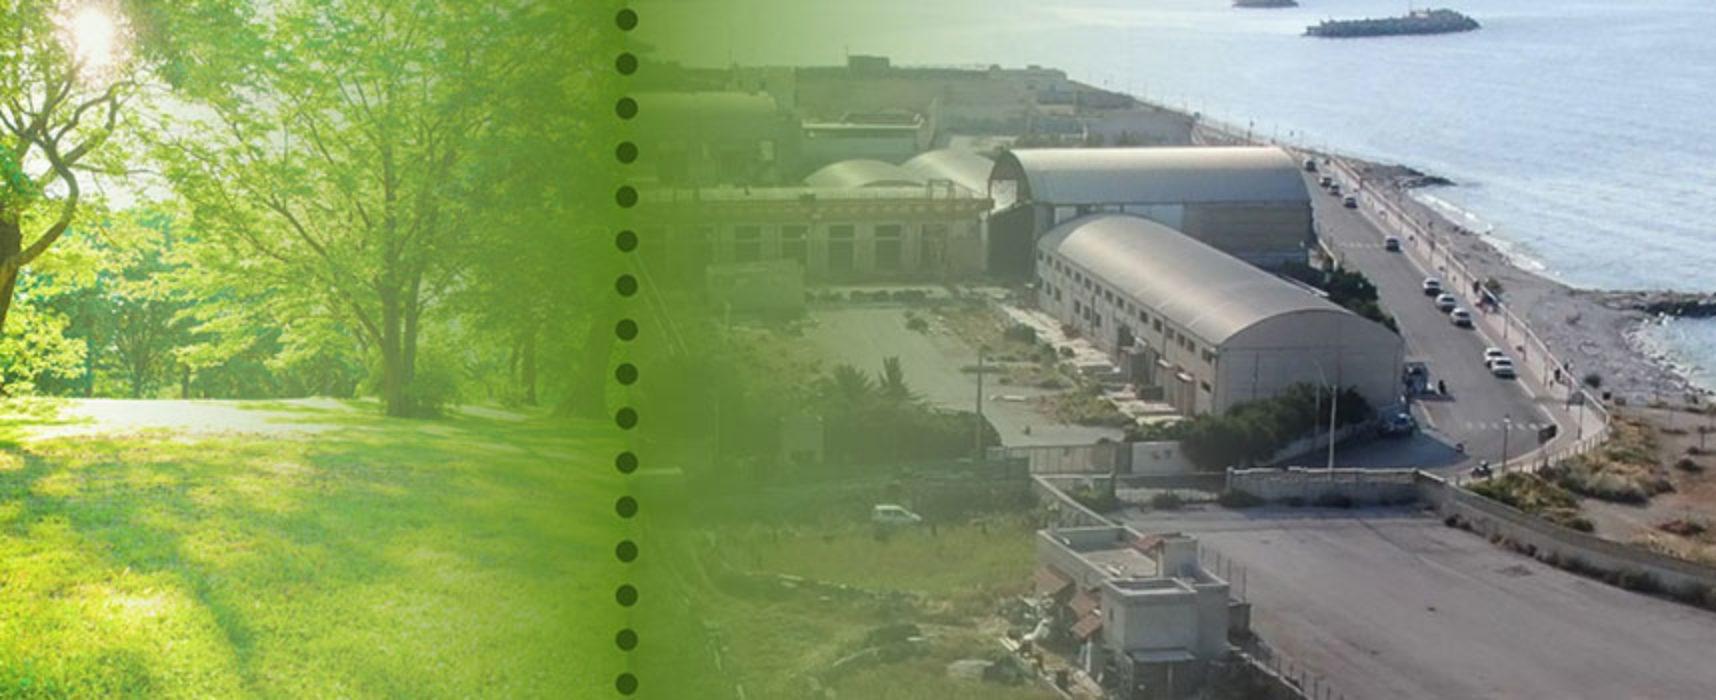 Maglia 165, uno dei proprietari lottizzanti si oppone a ricorso a Capo dello Stato